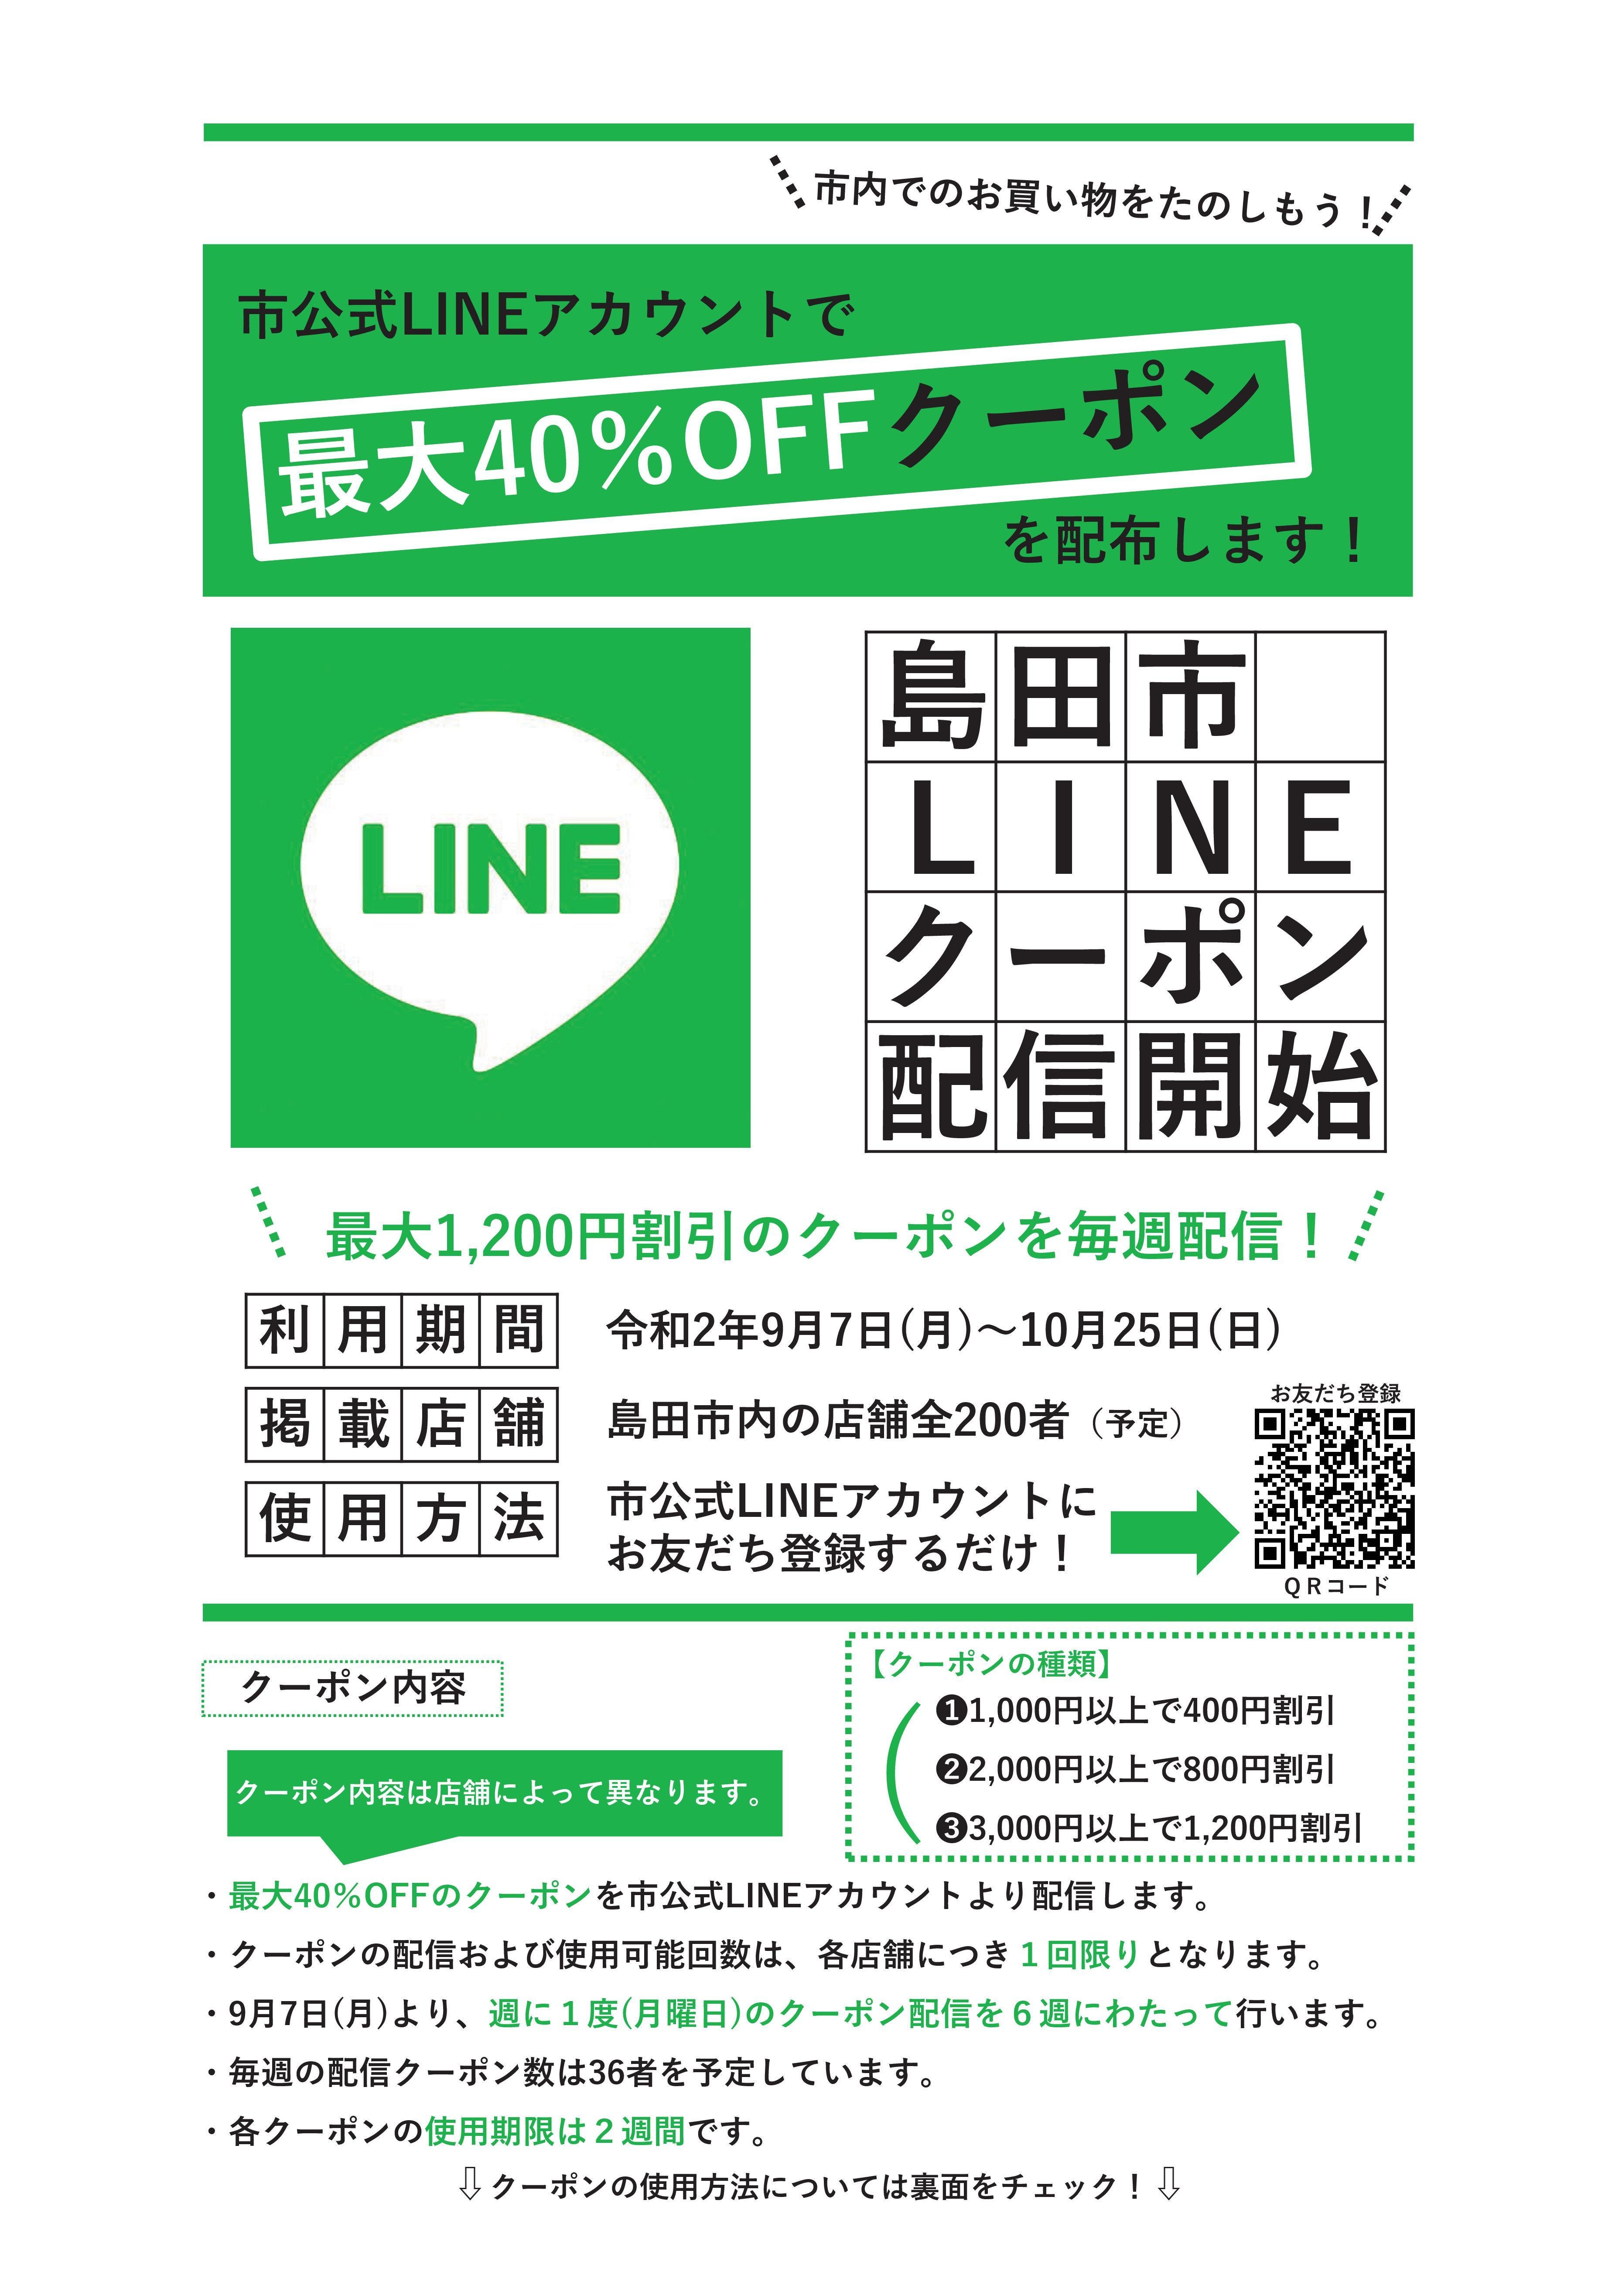 【決】LINEクーポン事業チラシ(市民向け)-01